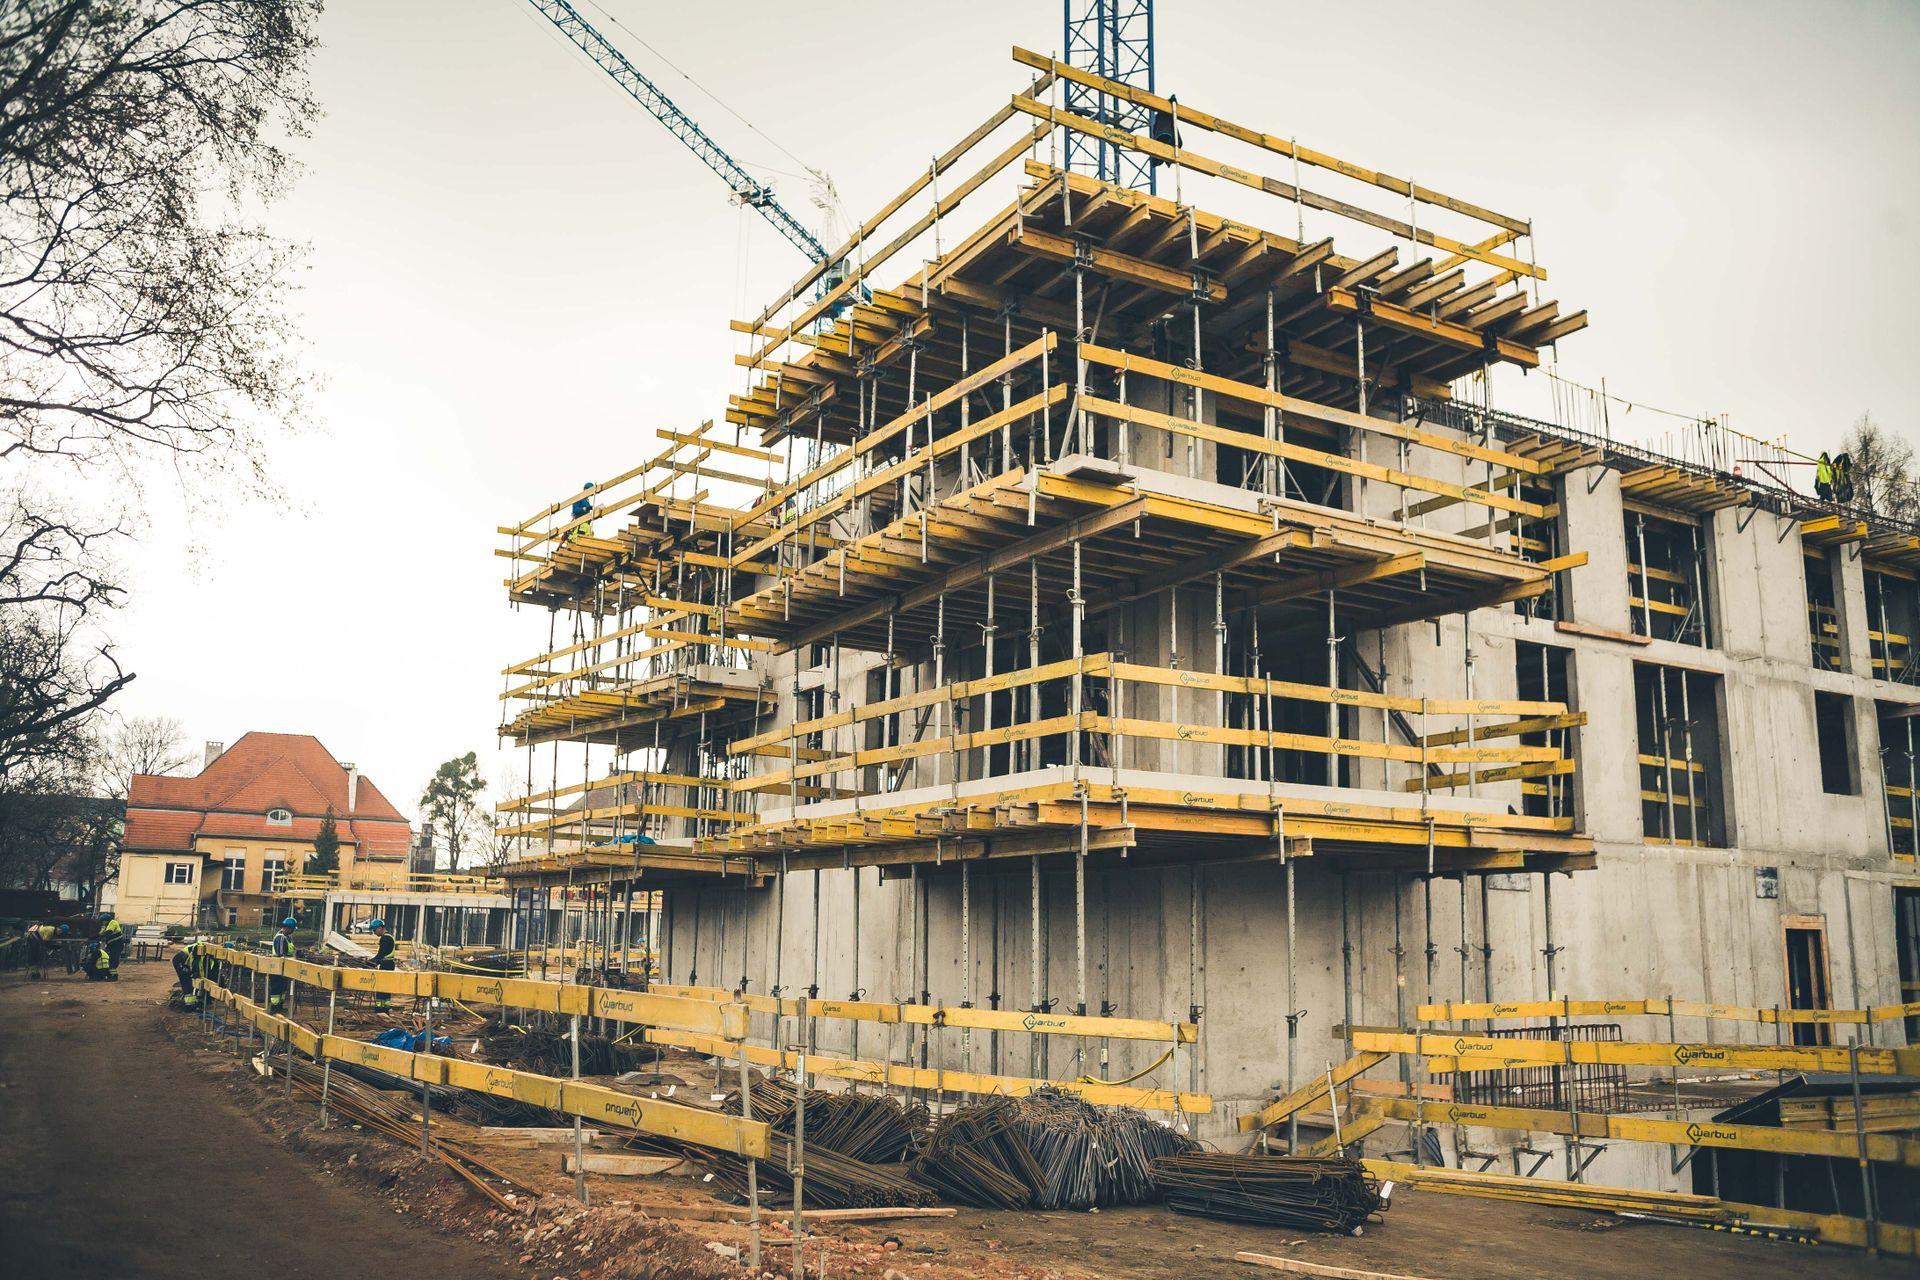 [Wrocław] Czołowi wrocławscy deweloperzy podsumowują kwartał. Ile sprzedali mieszkań?